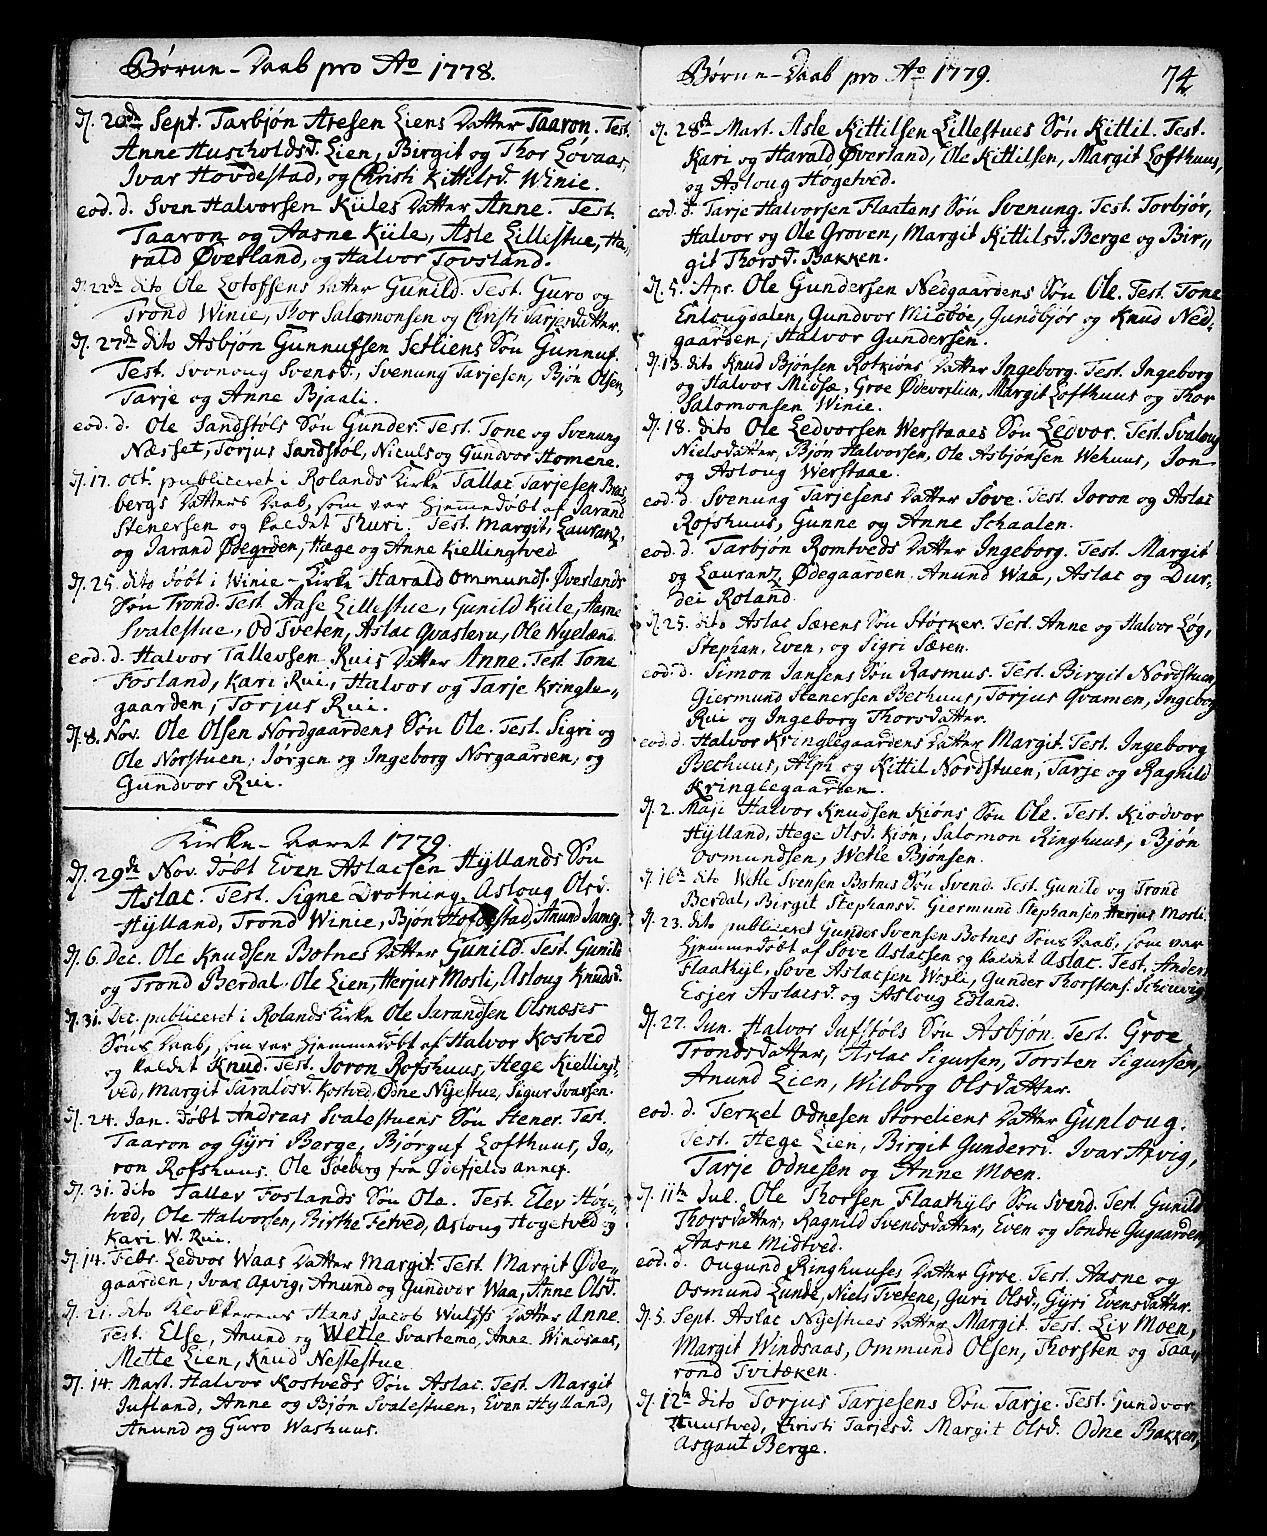 SAKO, Vinje kirkebøker, F/Fa/L0002: Ministerialbok nr. I 2, 1767-1814, s. 74